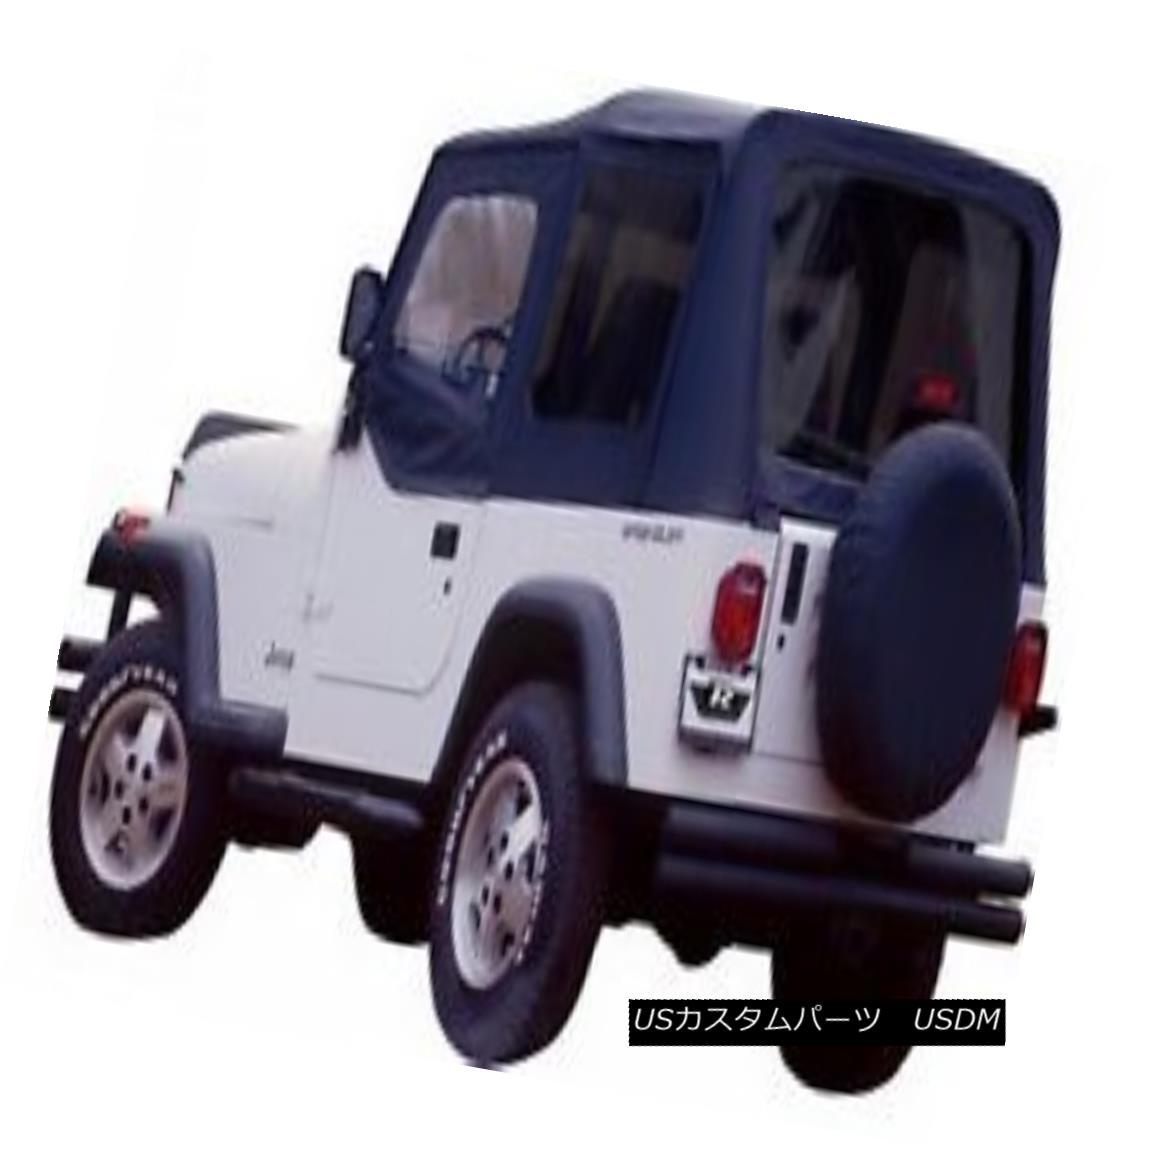 幌・ソフトトップ Rampage 68215 Complete Soft Top Kit Fits 87-95 Wrangler (YJ) 暴走68215完全なソフトトップキット87-95ラングラー(YJ)に適合